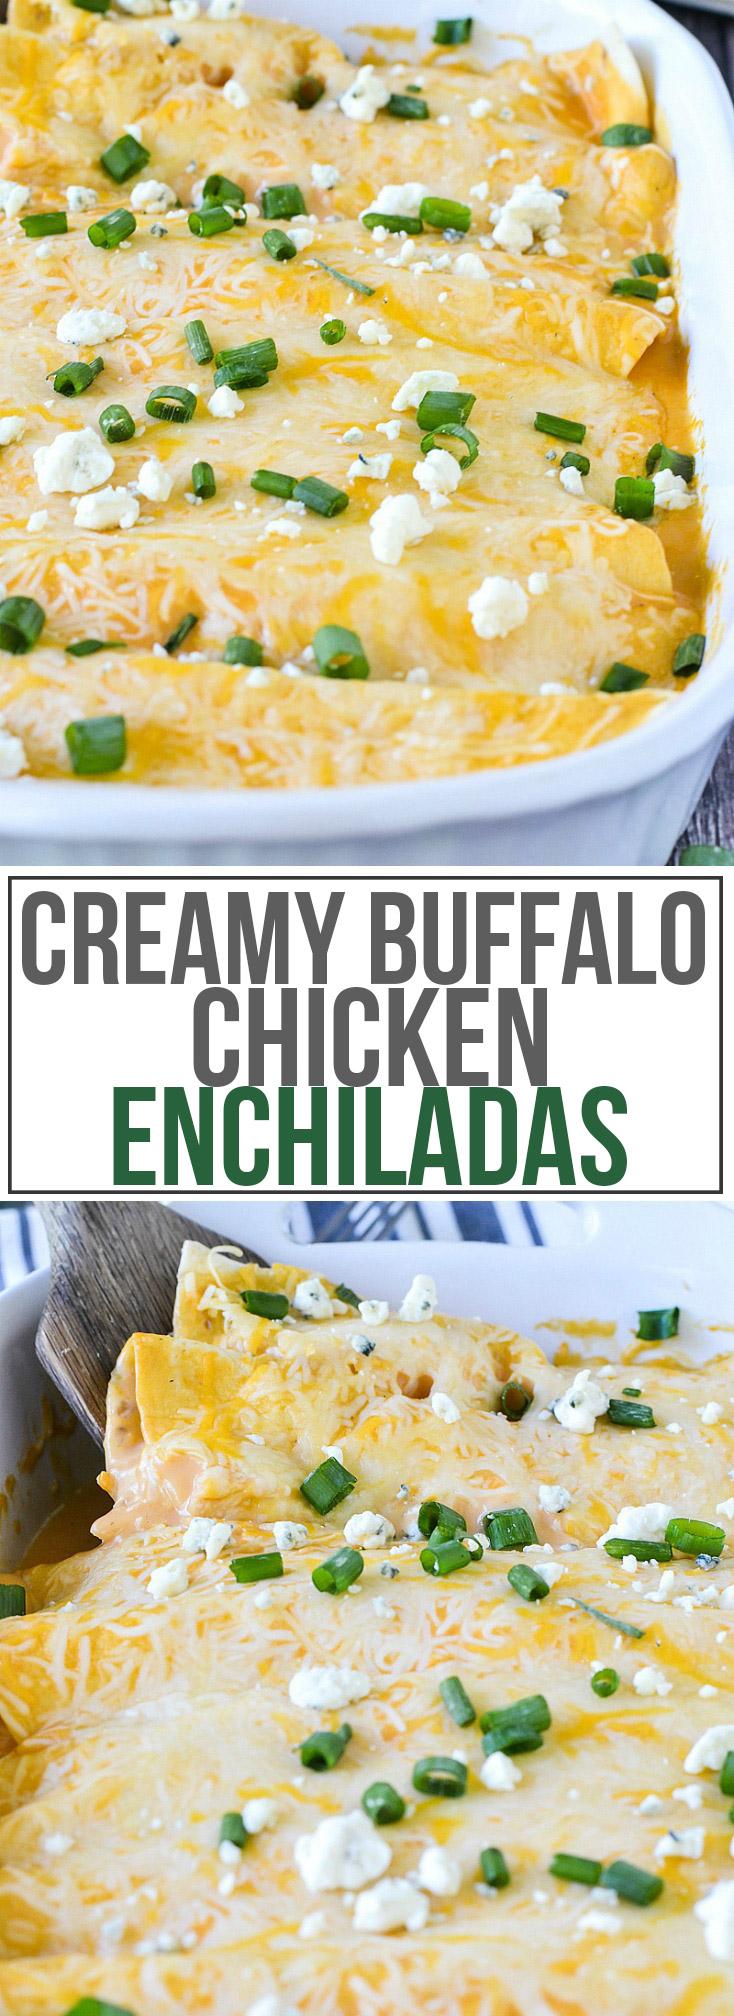 Creamy Buffalo Chicken Enchiladas   www.motherthyme.com